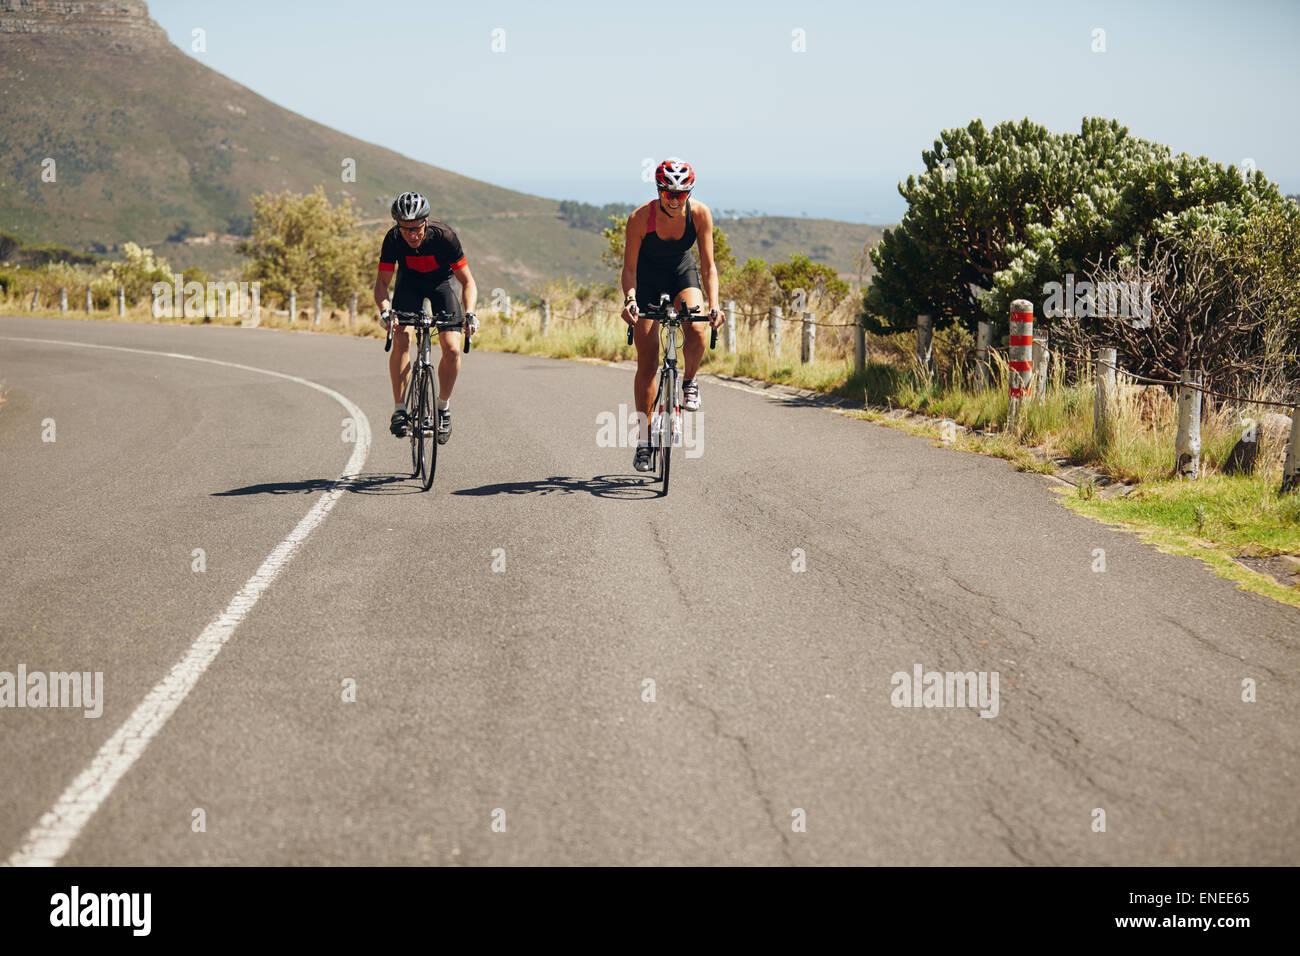 Ciclista equitazione biciclette su strada aperta. Triatleti escursioni in bicicletta. La pratica per la gara di Immagini Stock